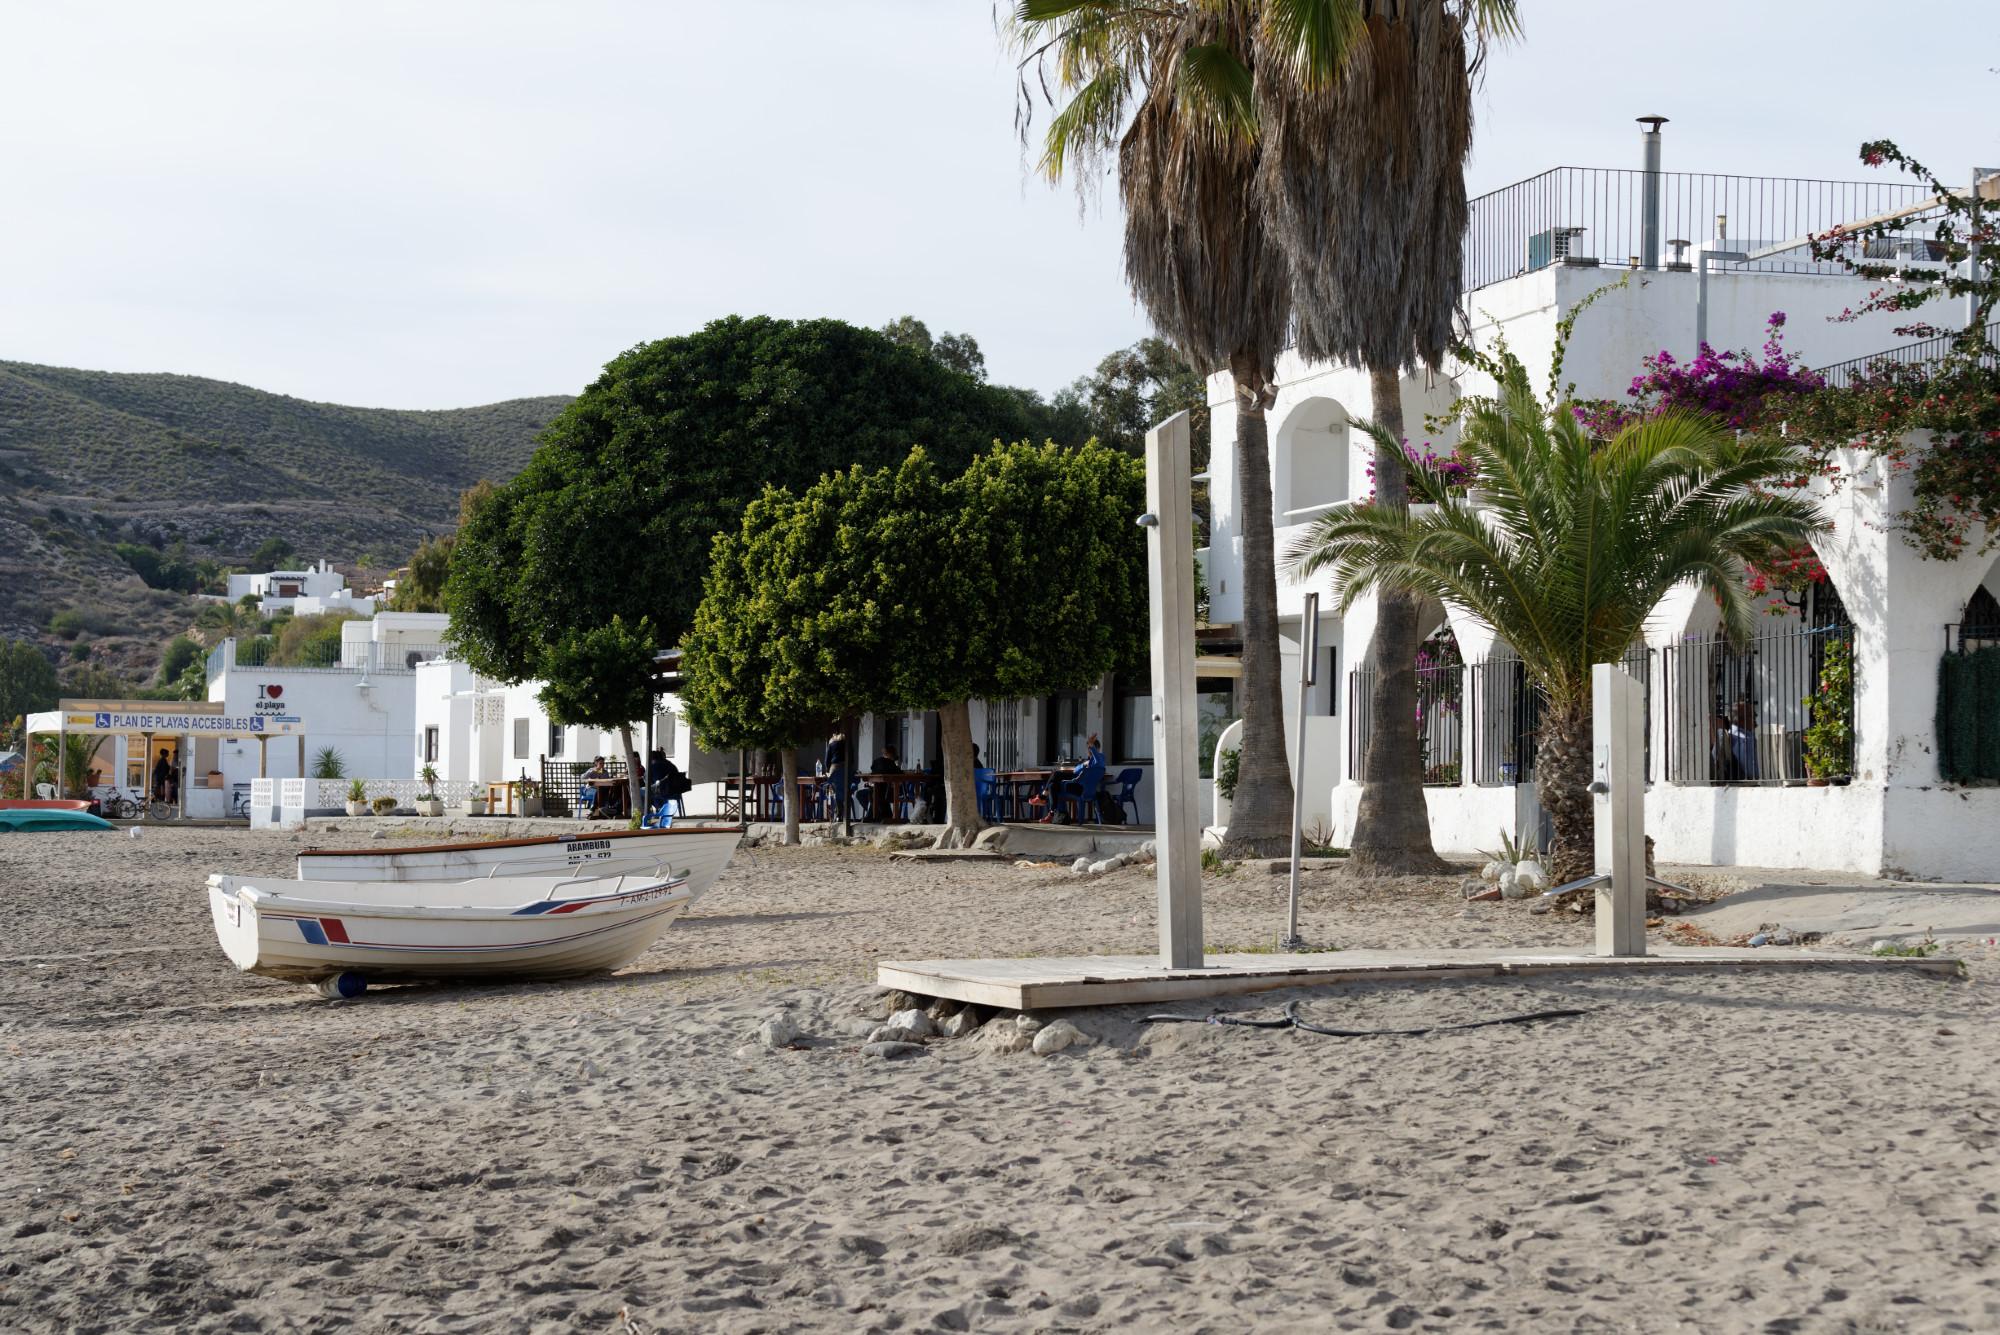 171210-Agua Amarga (110) (Cabo de Gata-Andalousie)